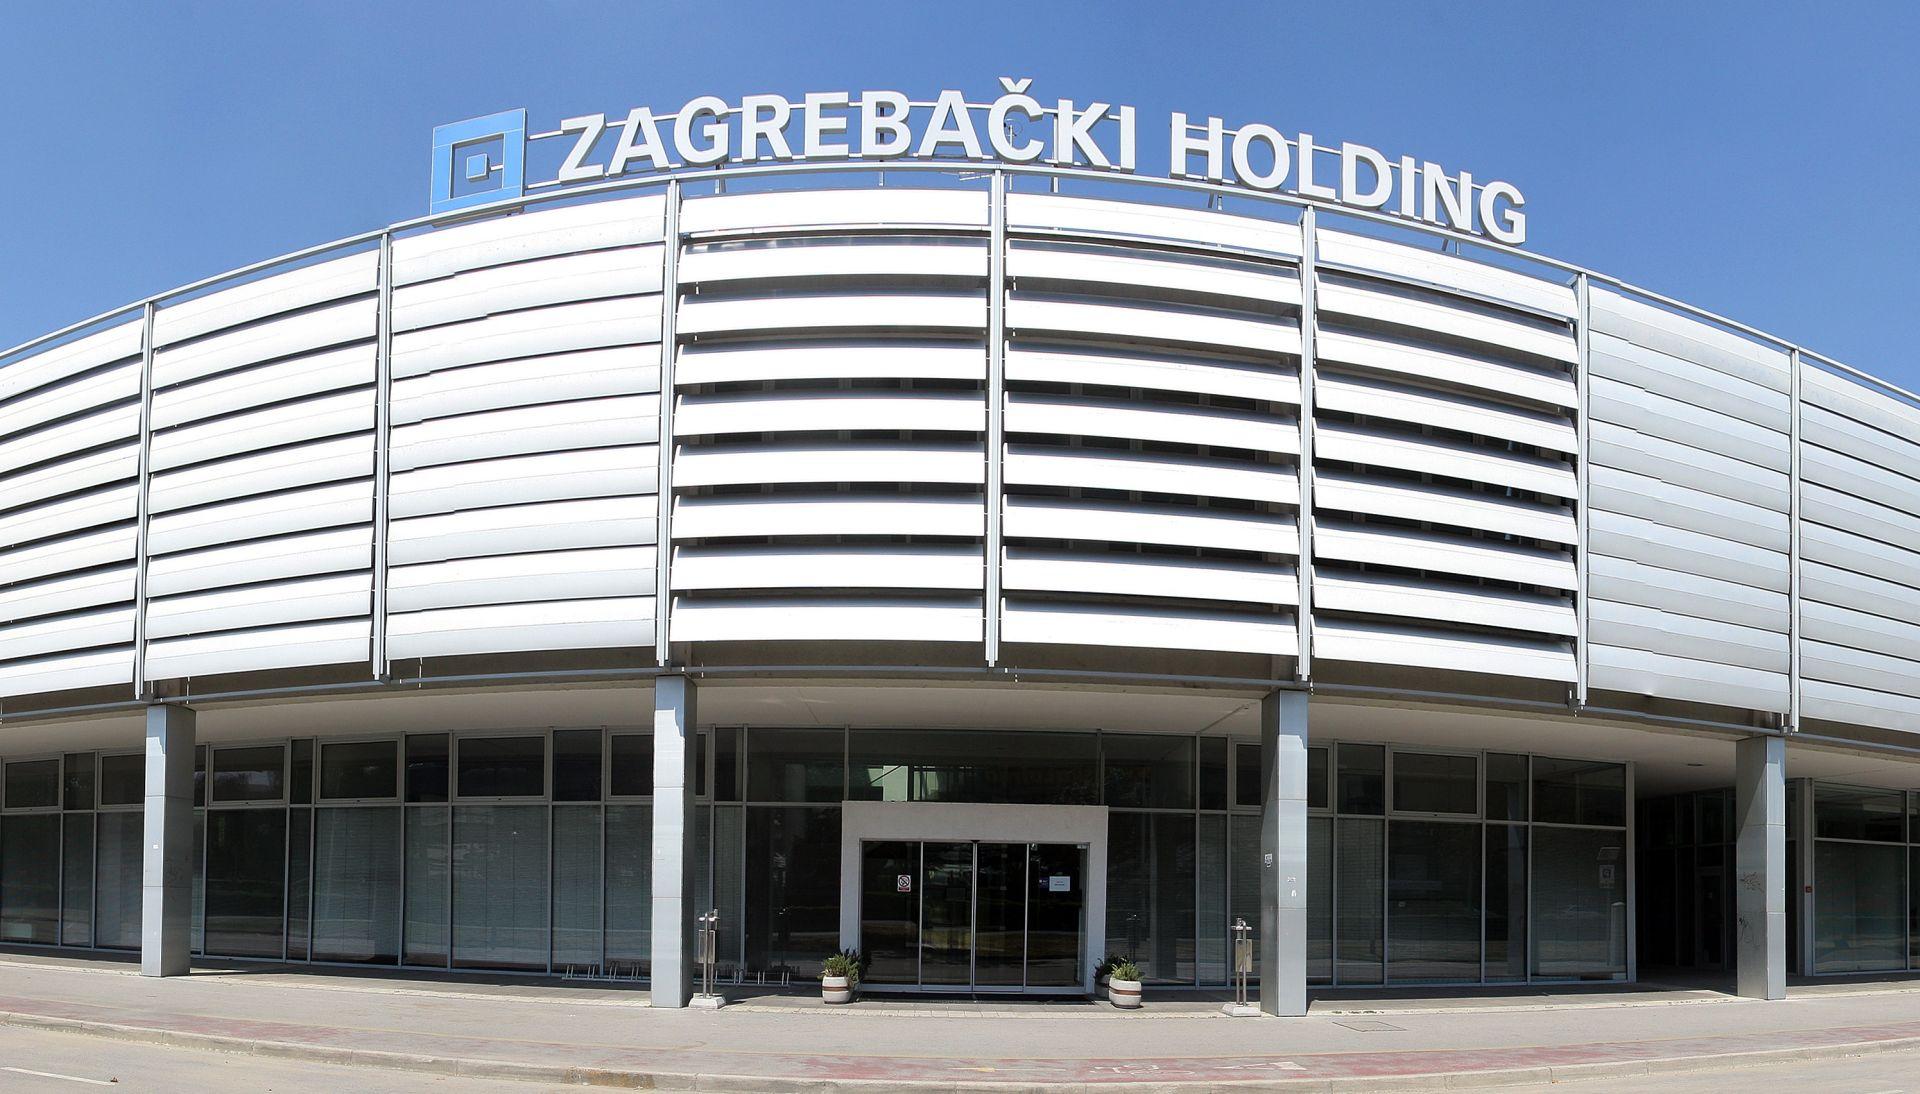 SJEDNICA GRADSKE SKUPŠTINE: Odluka o reprogramu duga Zagrebačkog holdinga